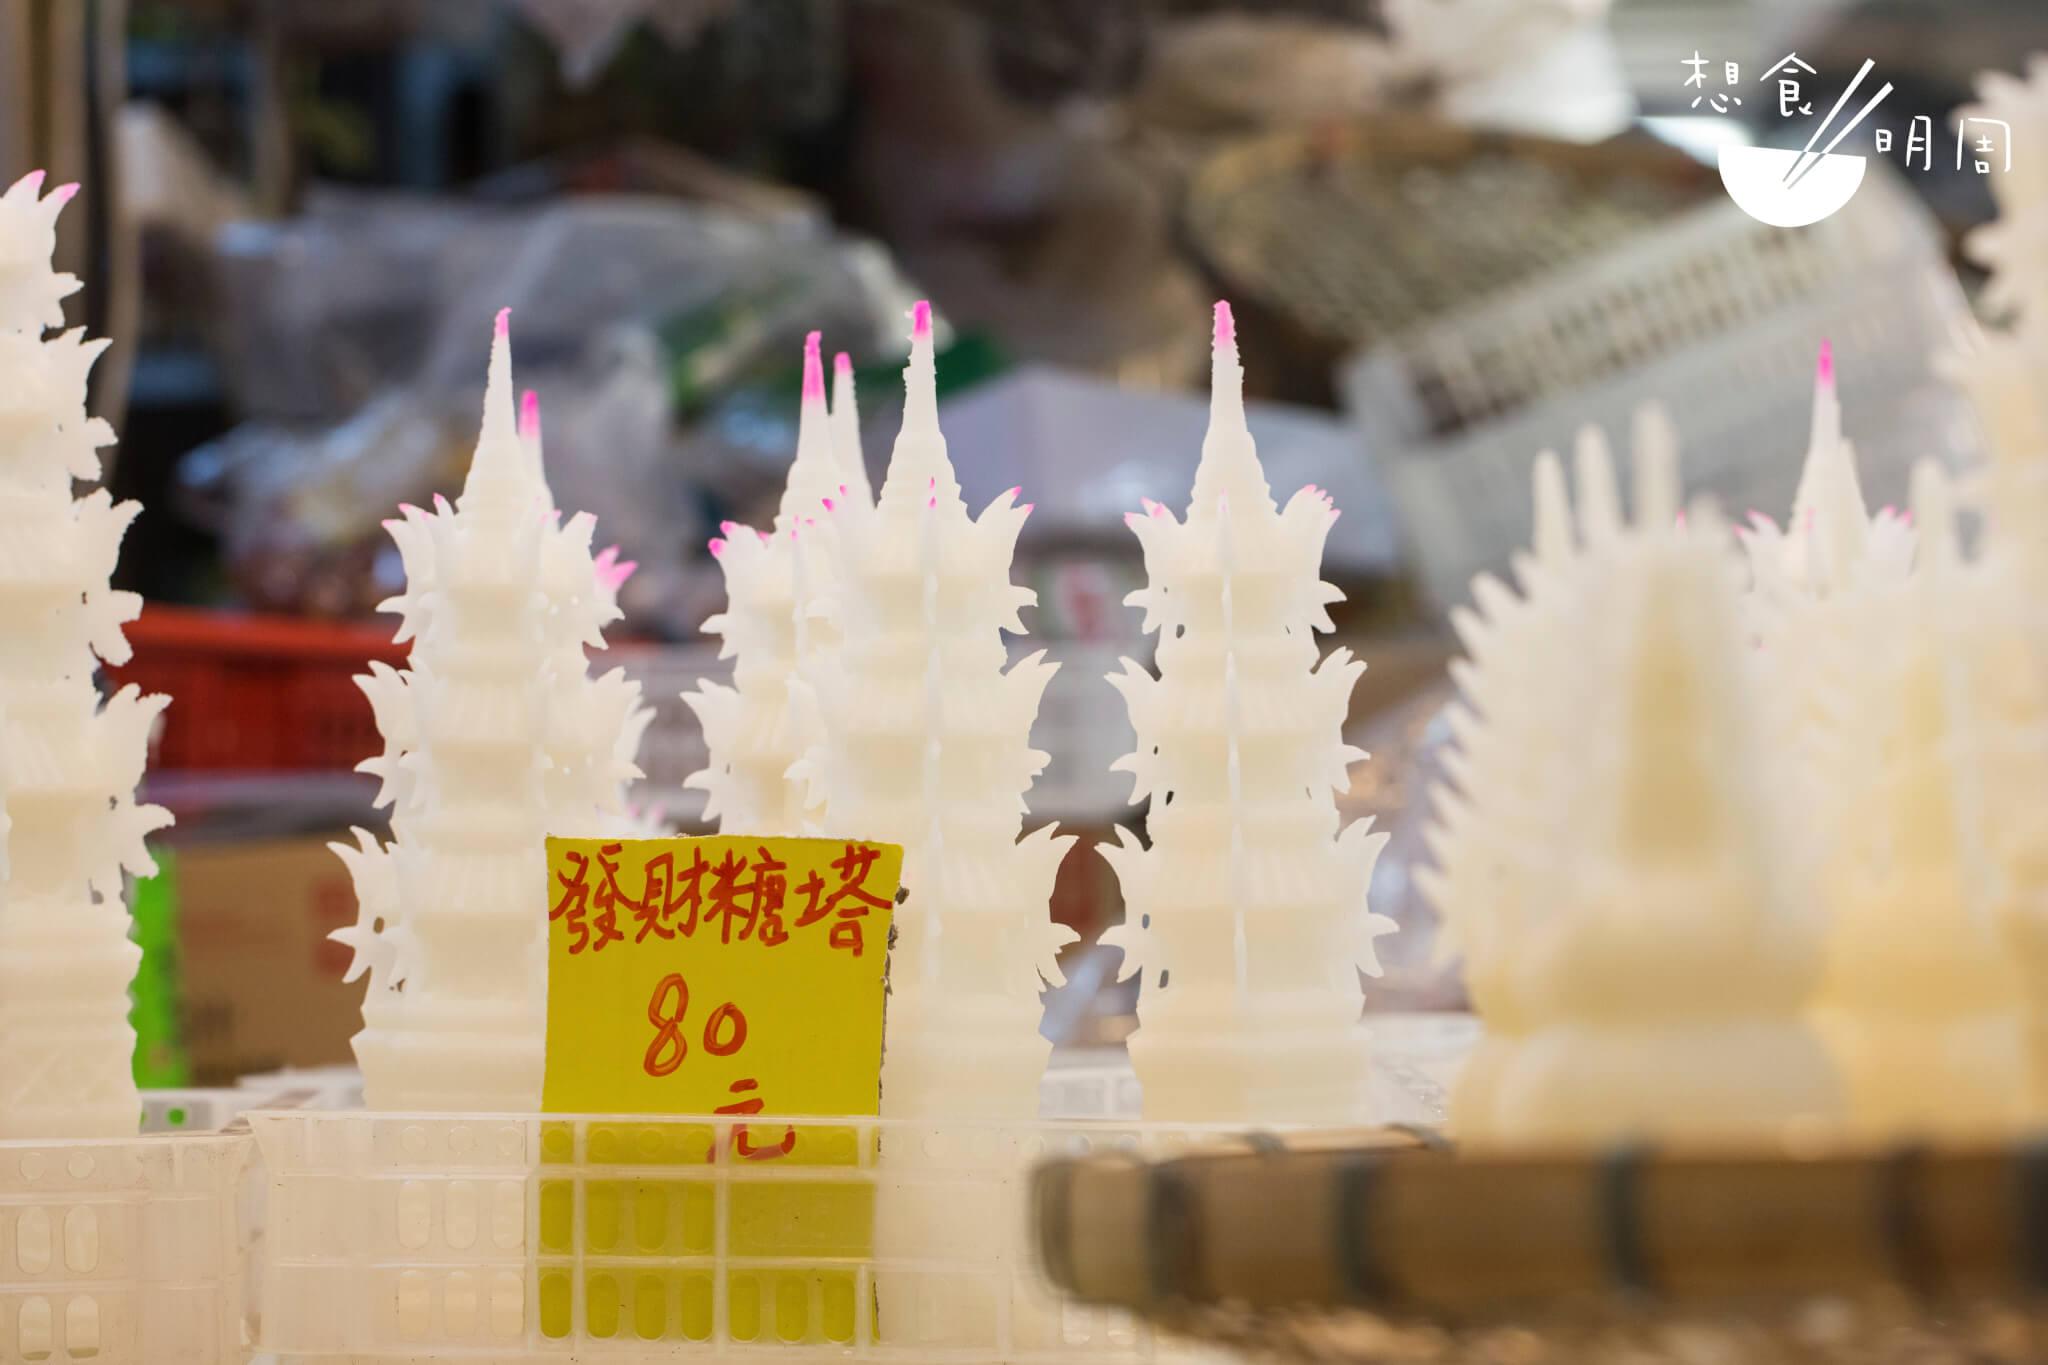 每年的農曆初四開始,雜貨店都會變成「糖塔小工場」。